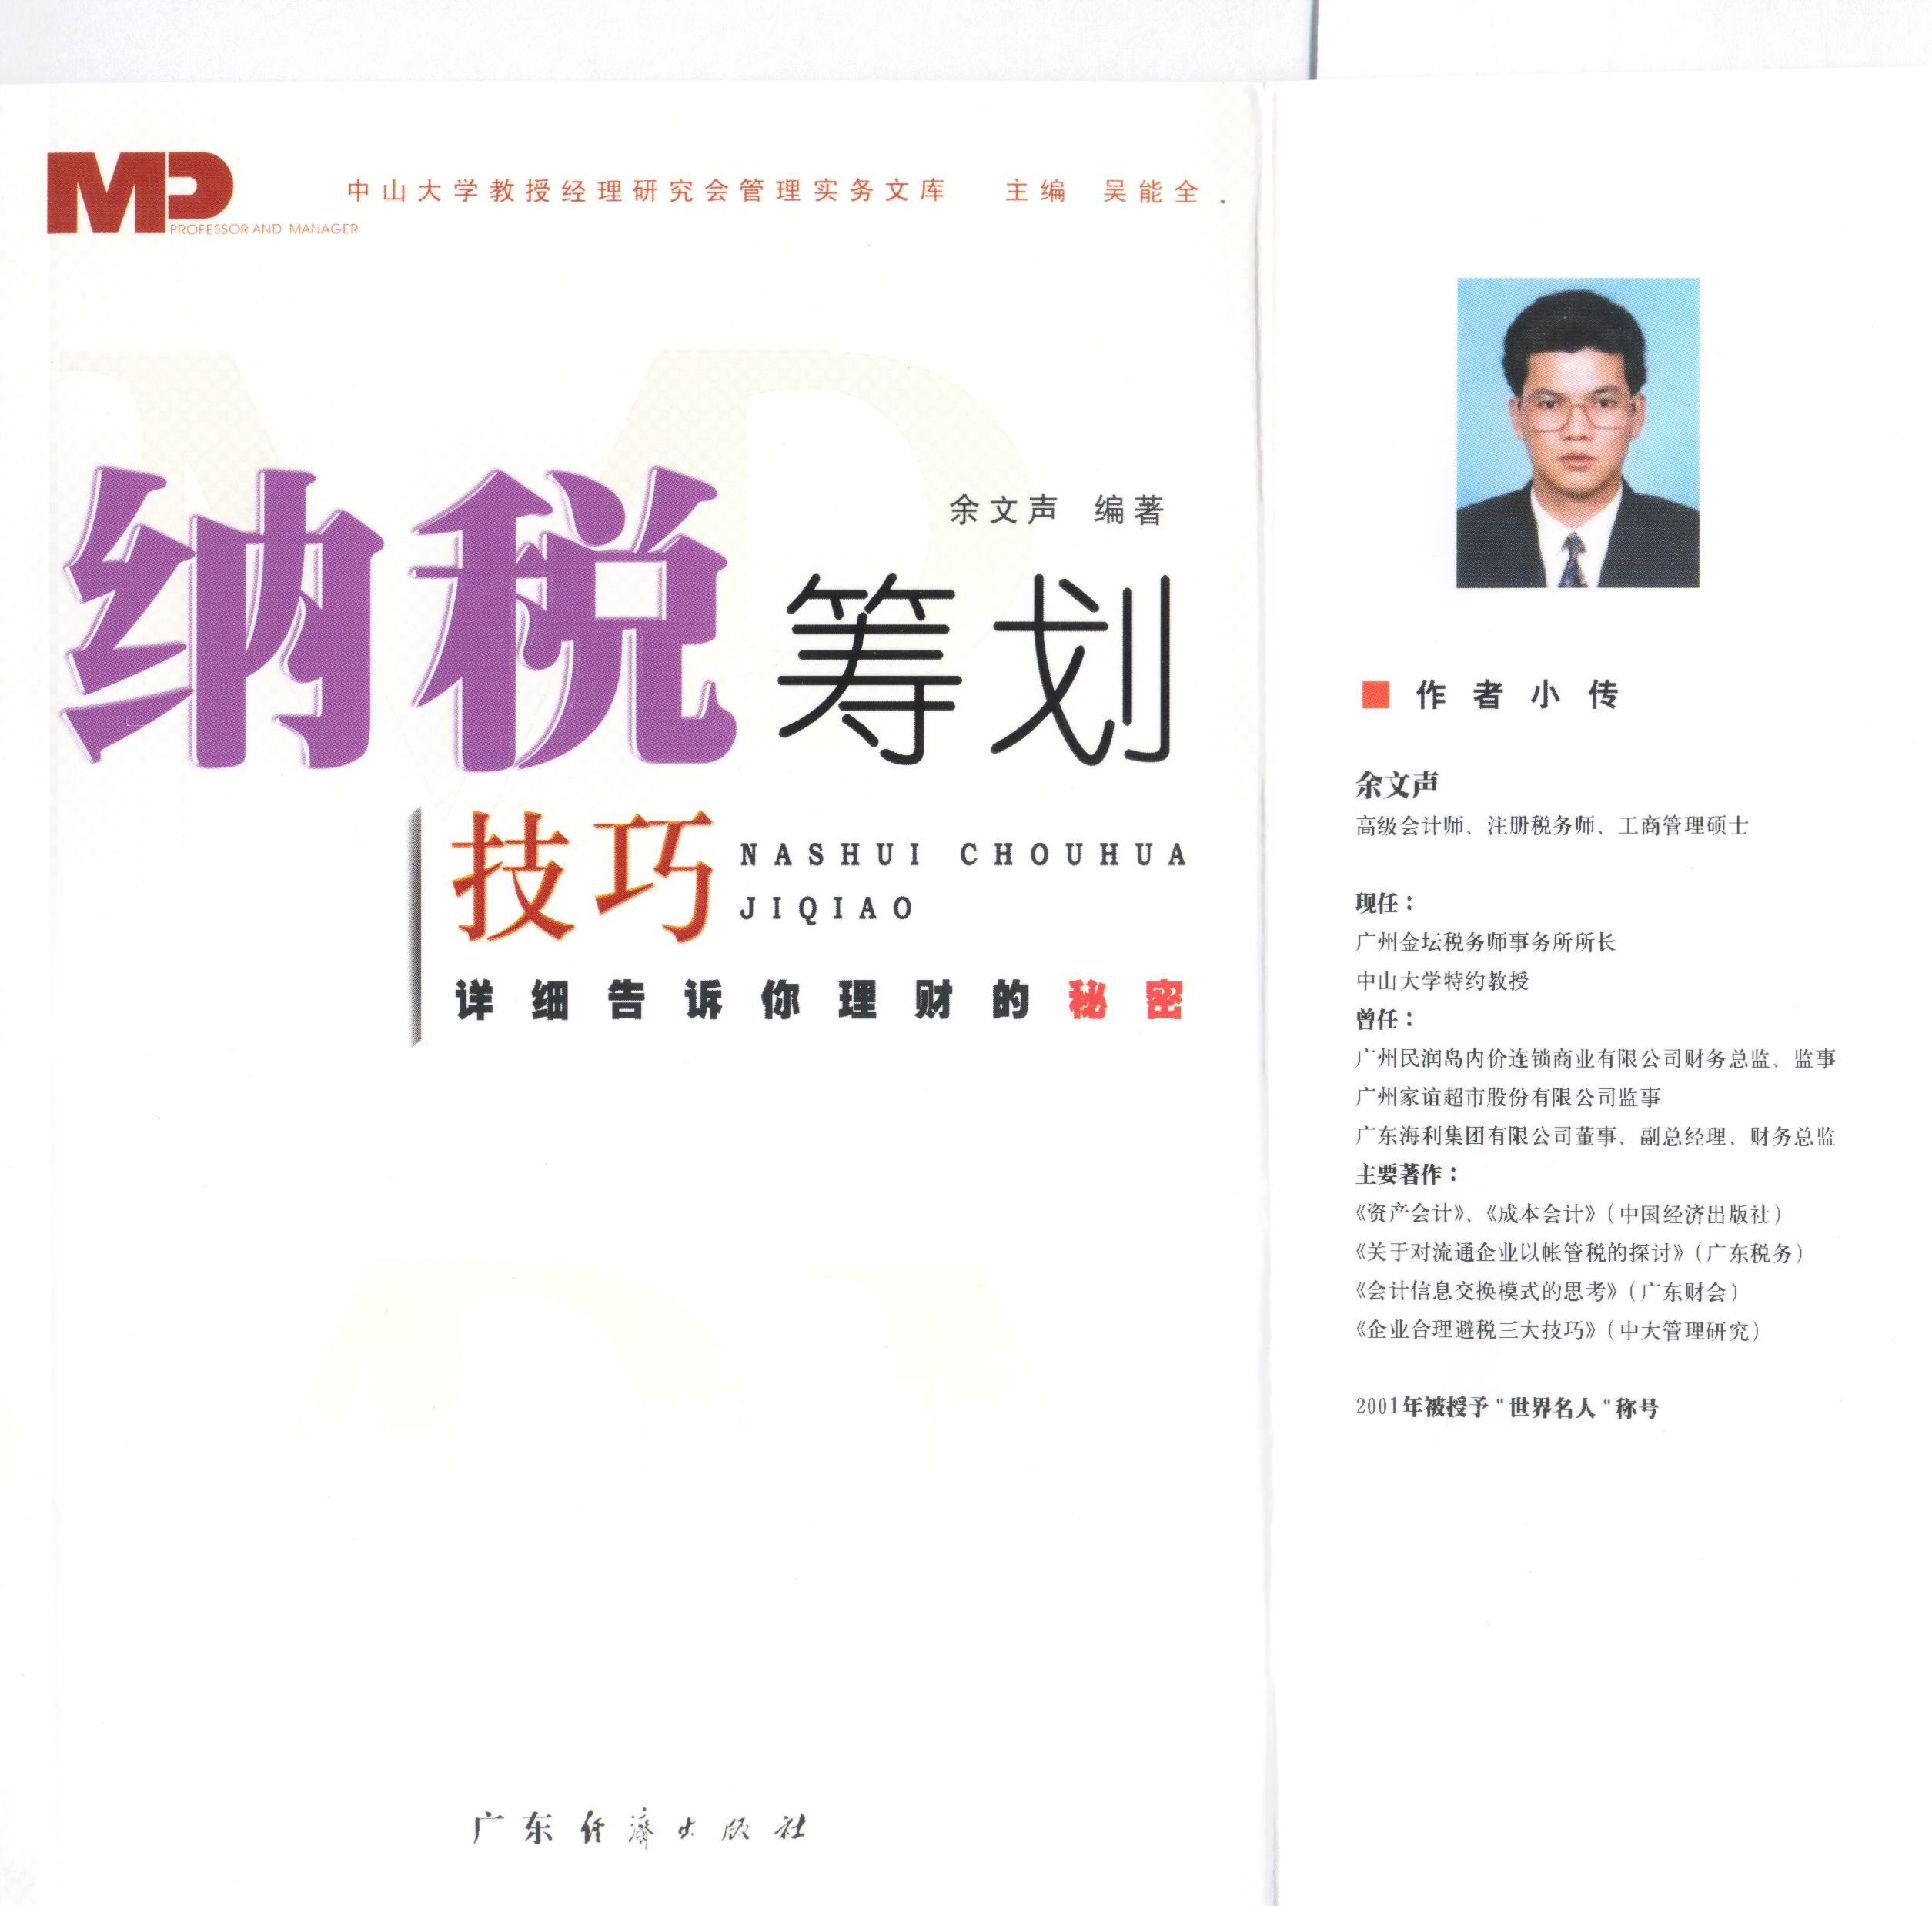 张文强 搜狐职场一言堂 搜狐教育